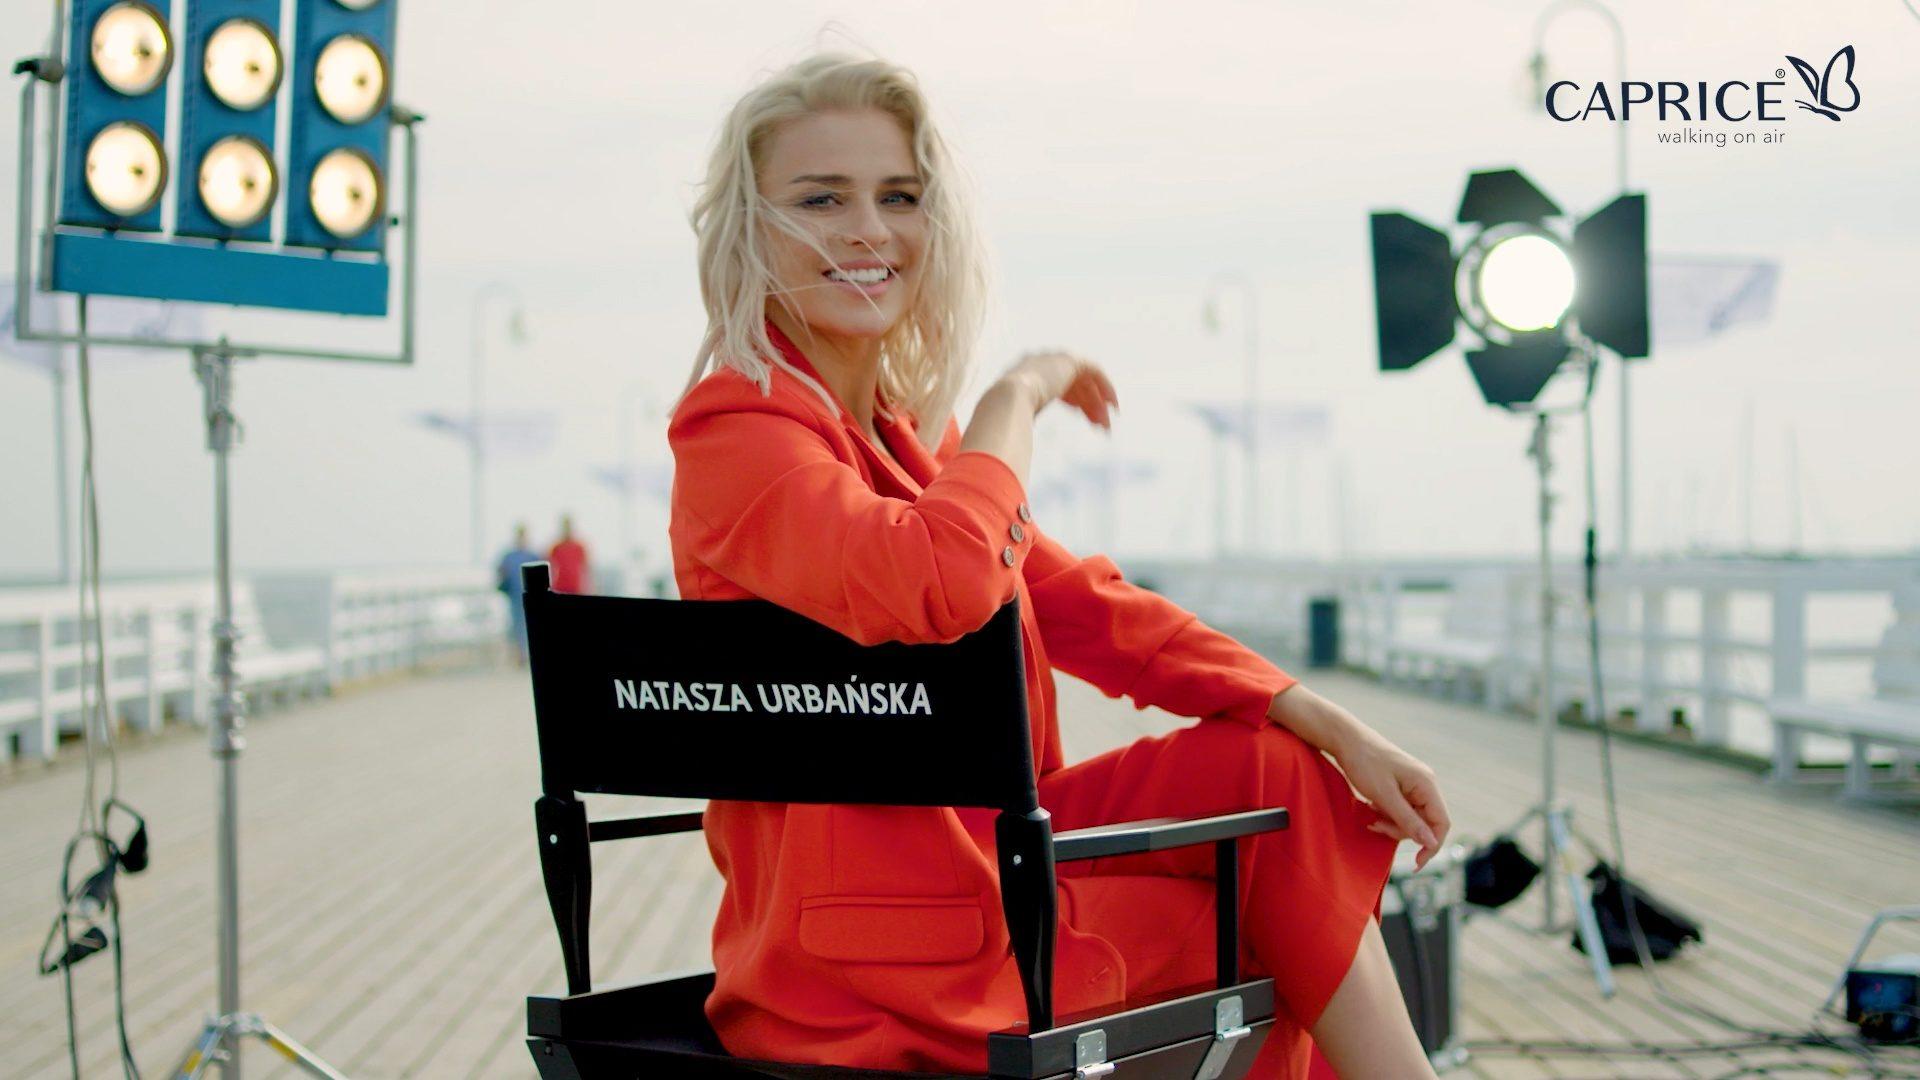 Caprice – Natasza Urbańska.00_00_00_00.Still001